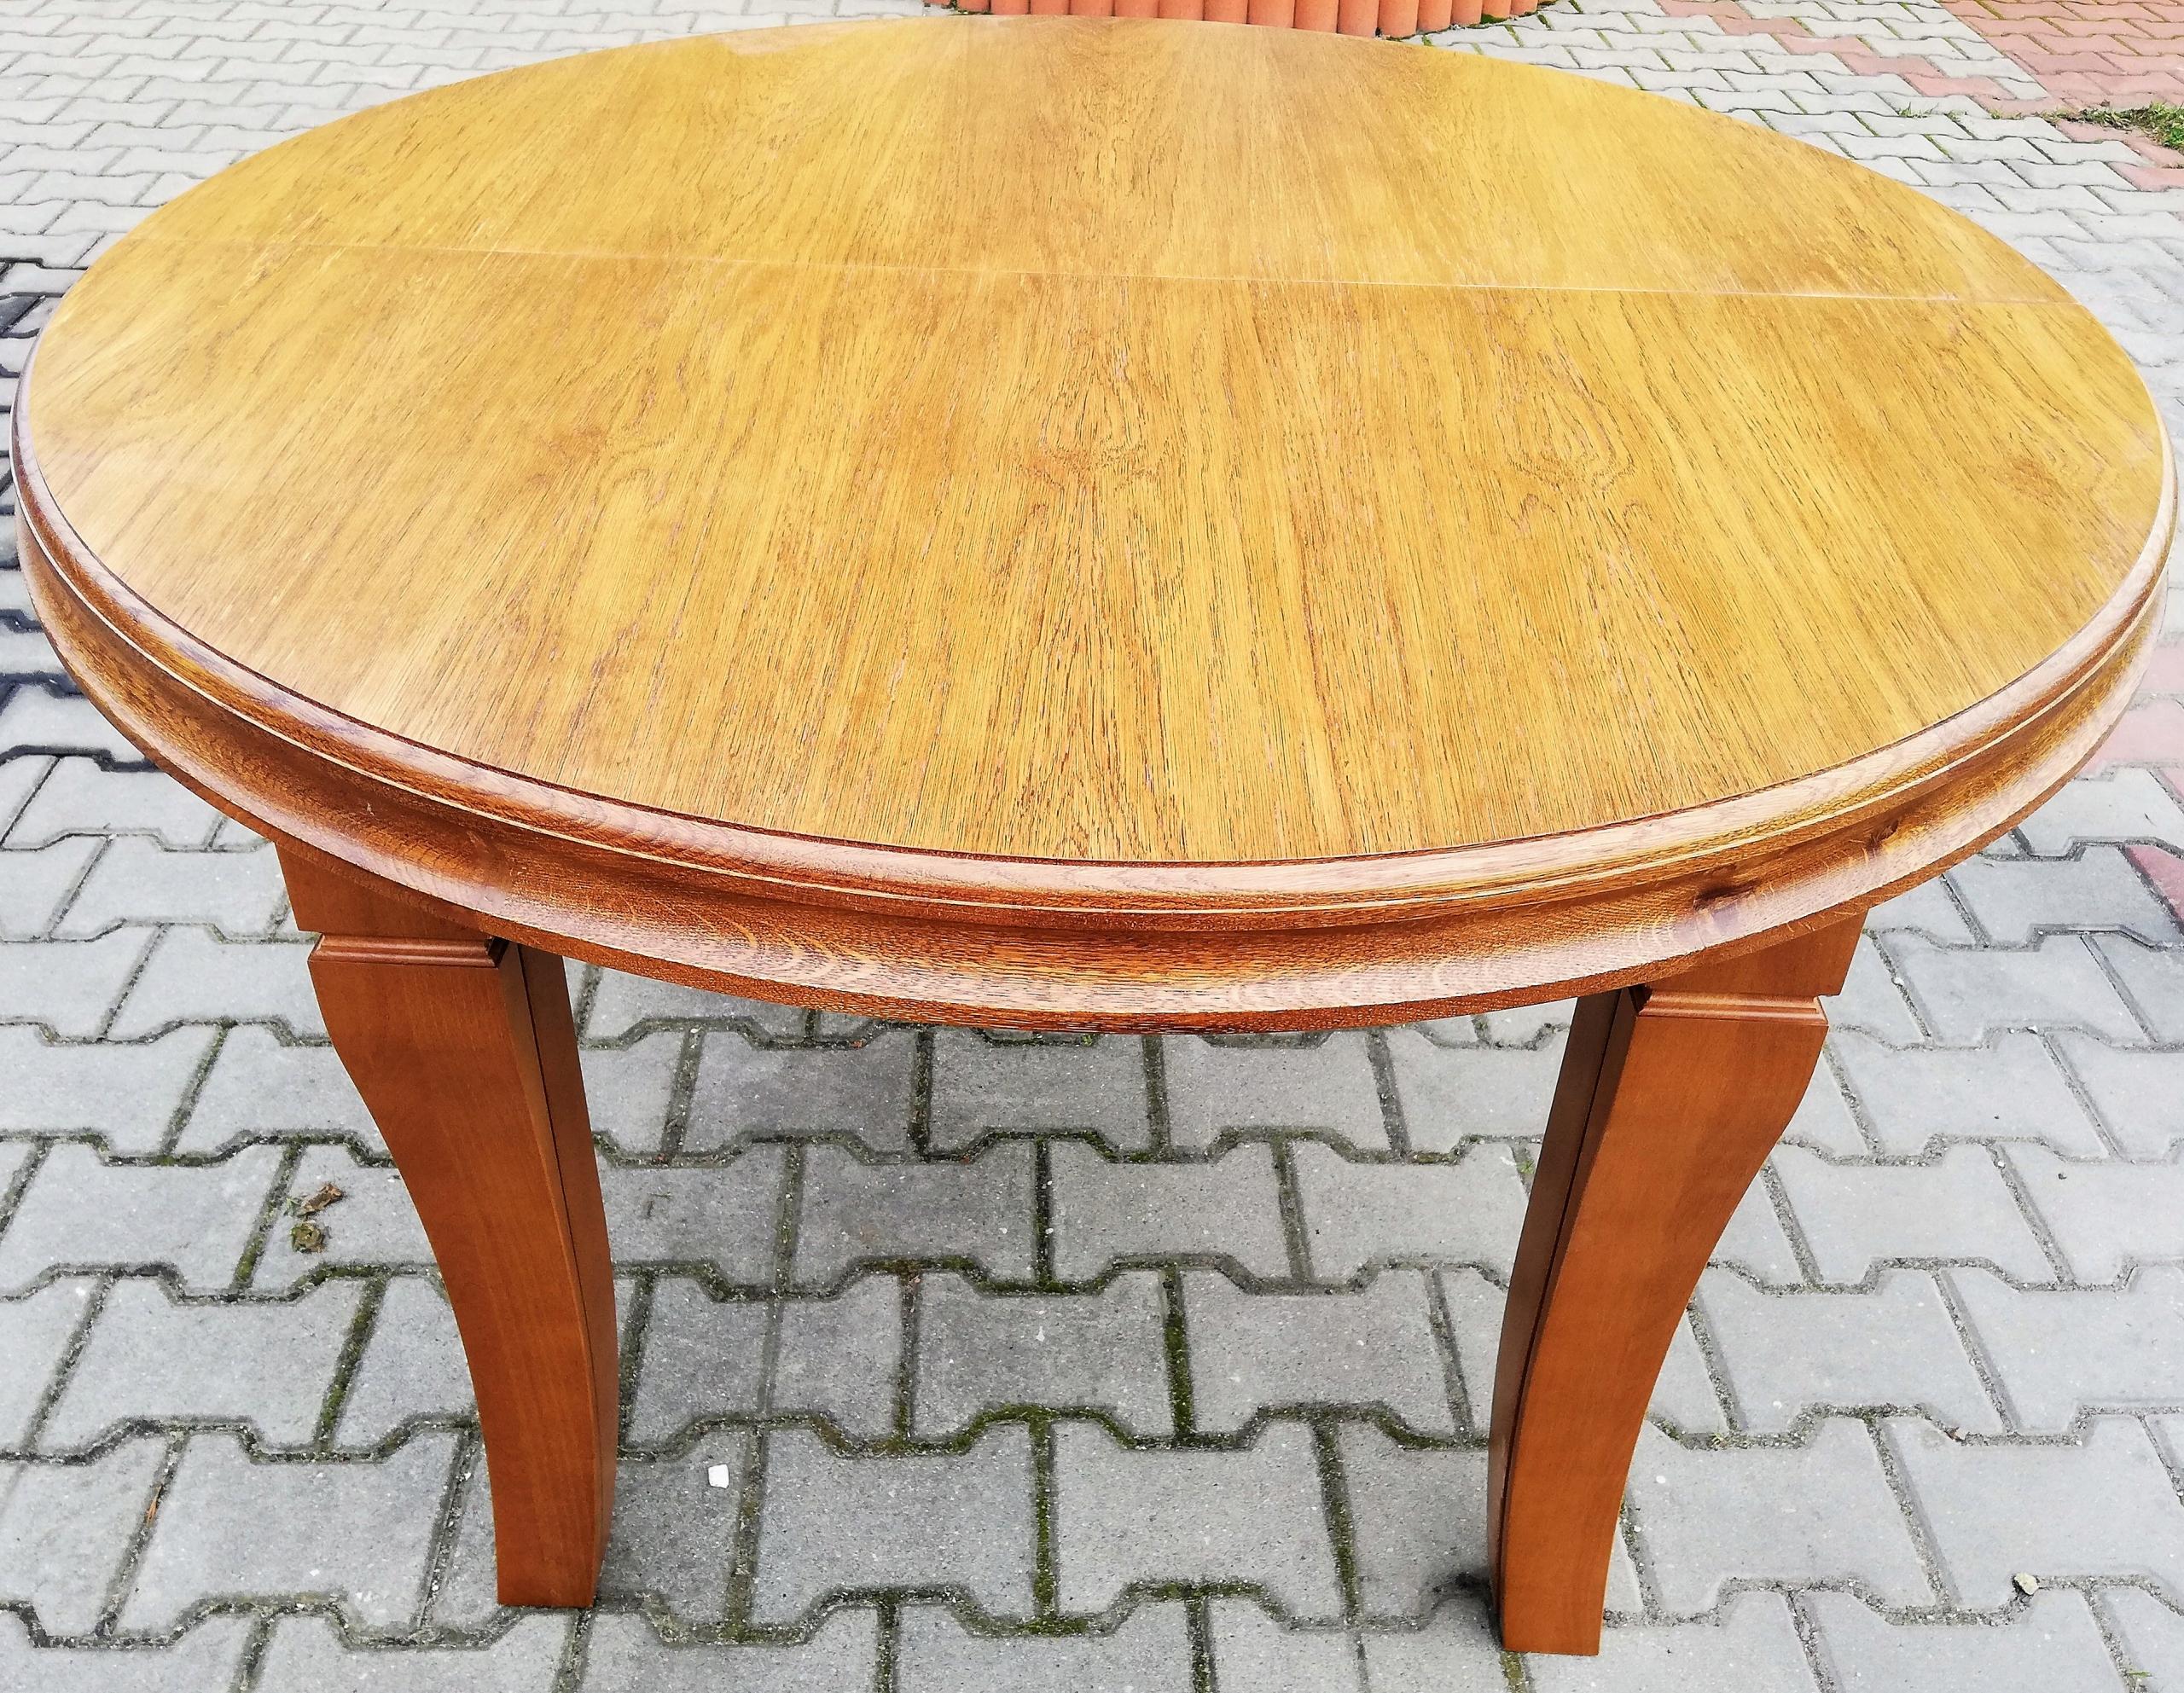 Rozťahovací okrúhly stôl 110 cm x 410 cm, 8 nožičiek